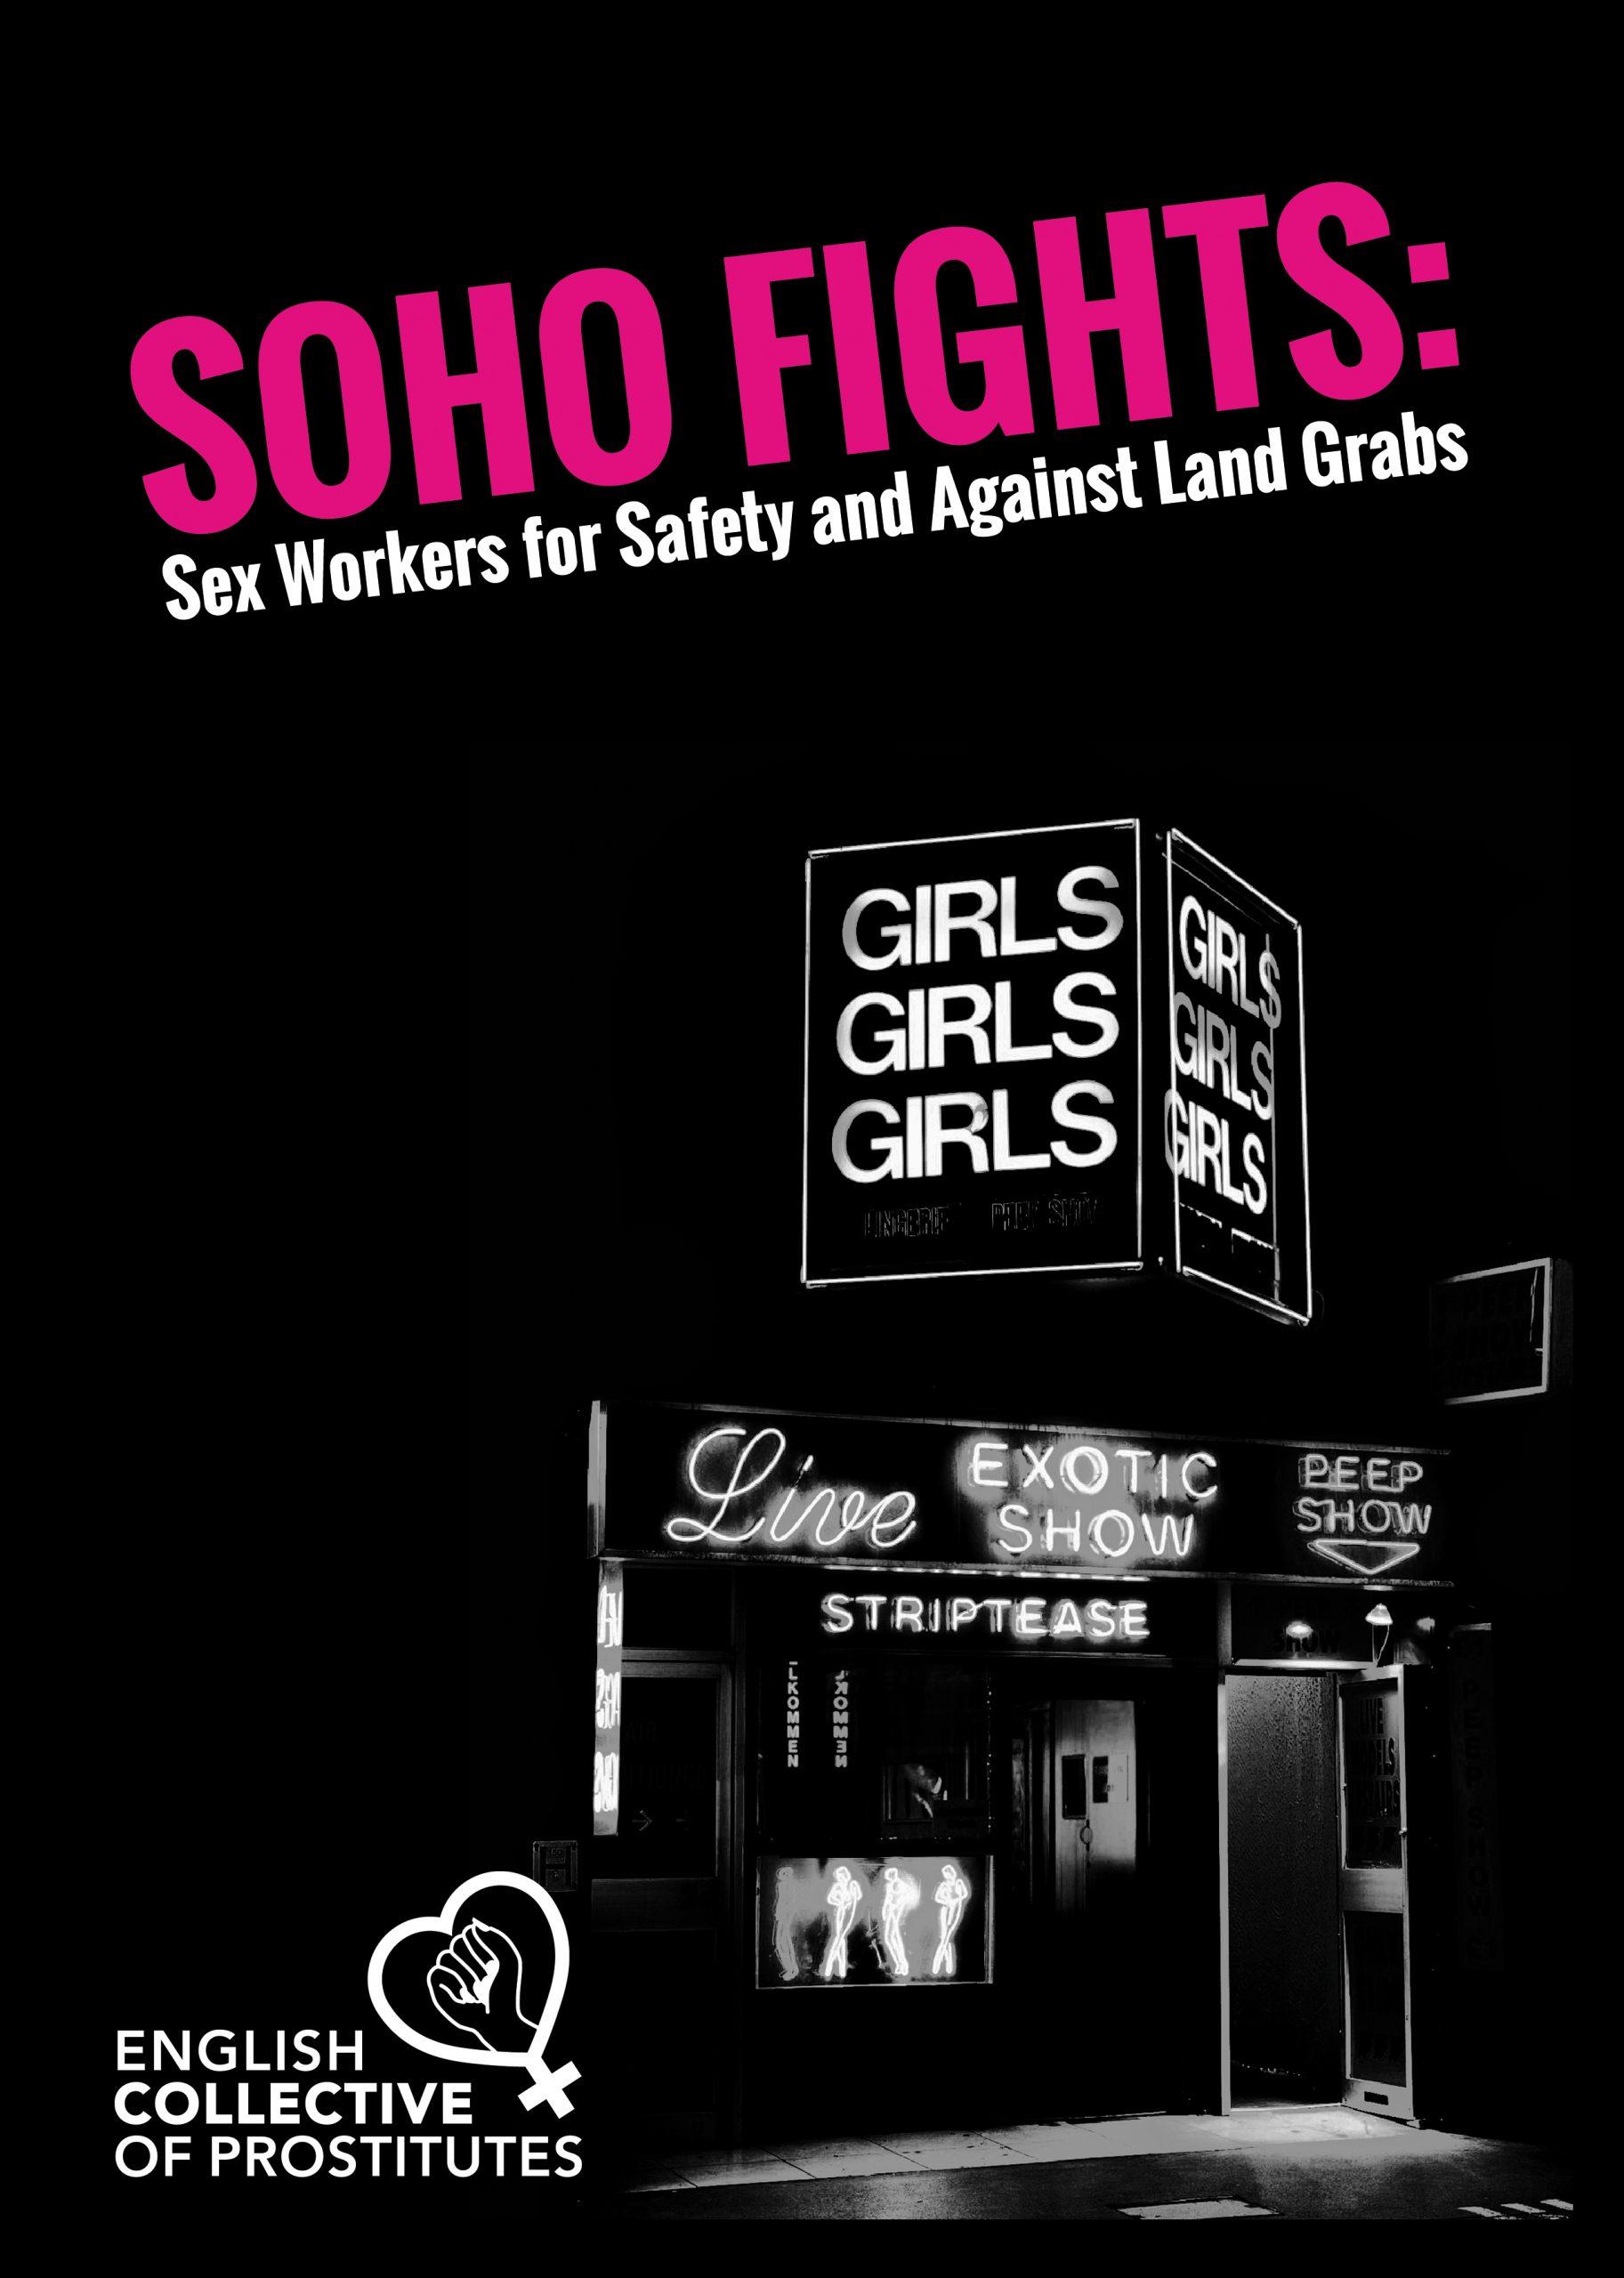 Soho Fights